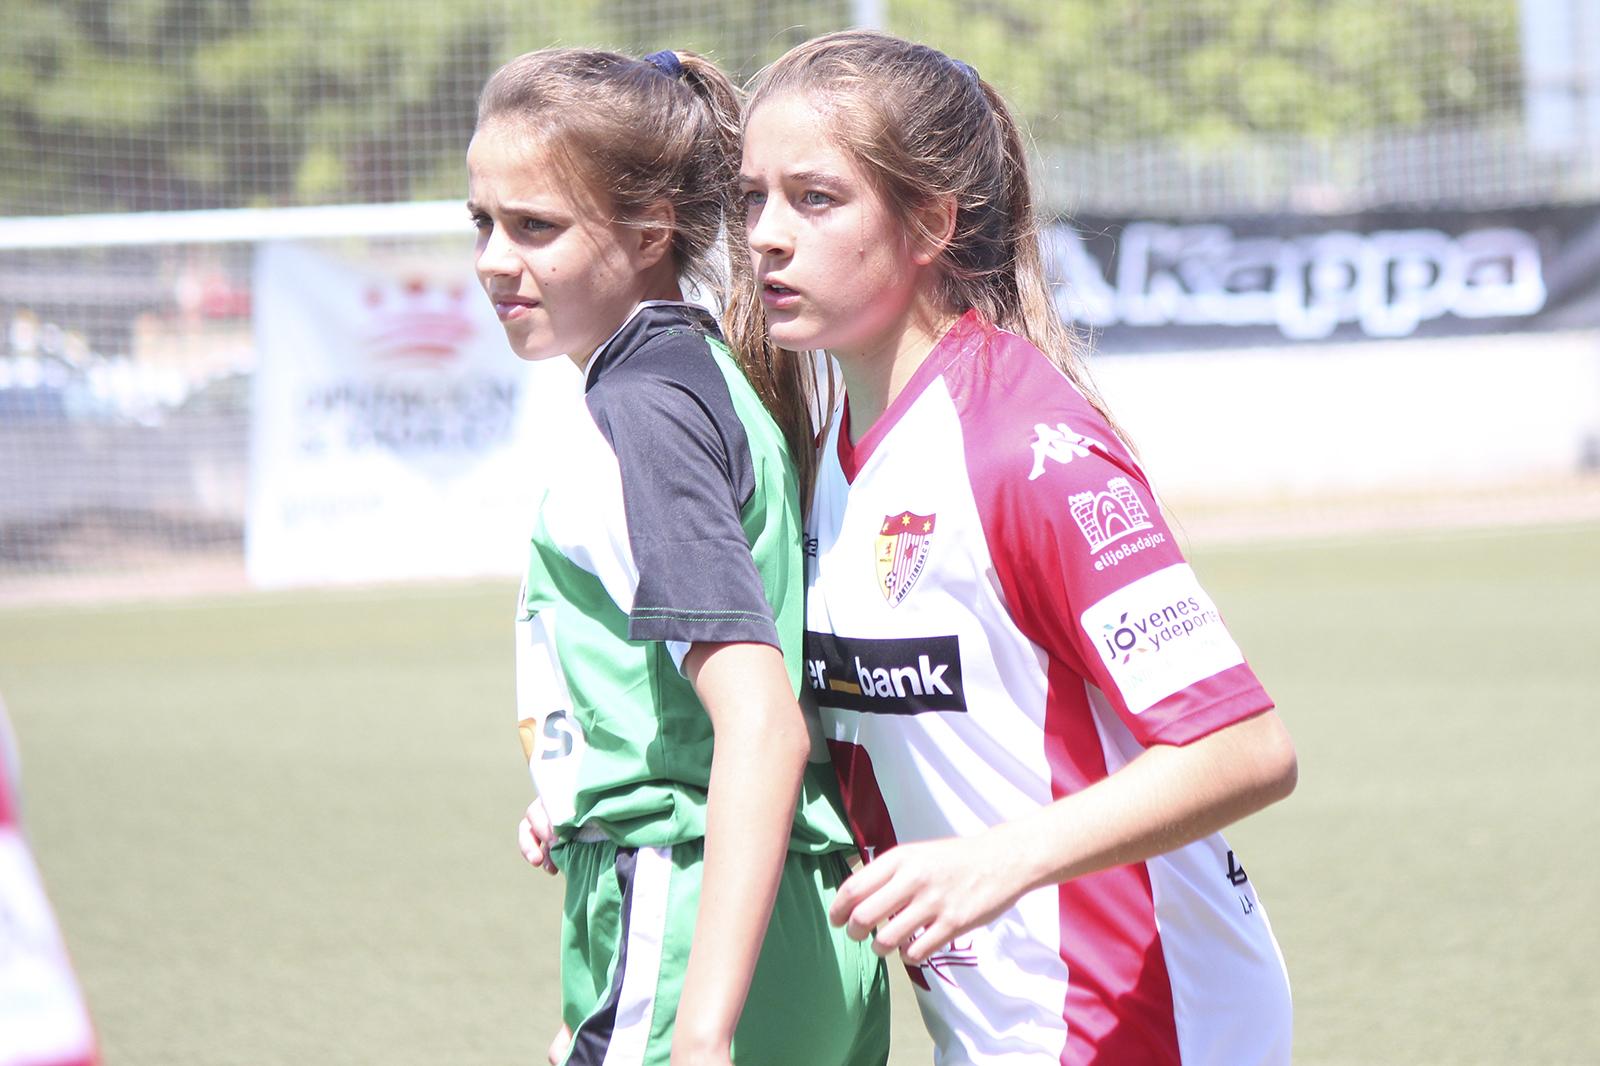 La Selección Extremeña se impone en la IX Women's Cup Ciudad de Badajoz